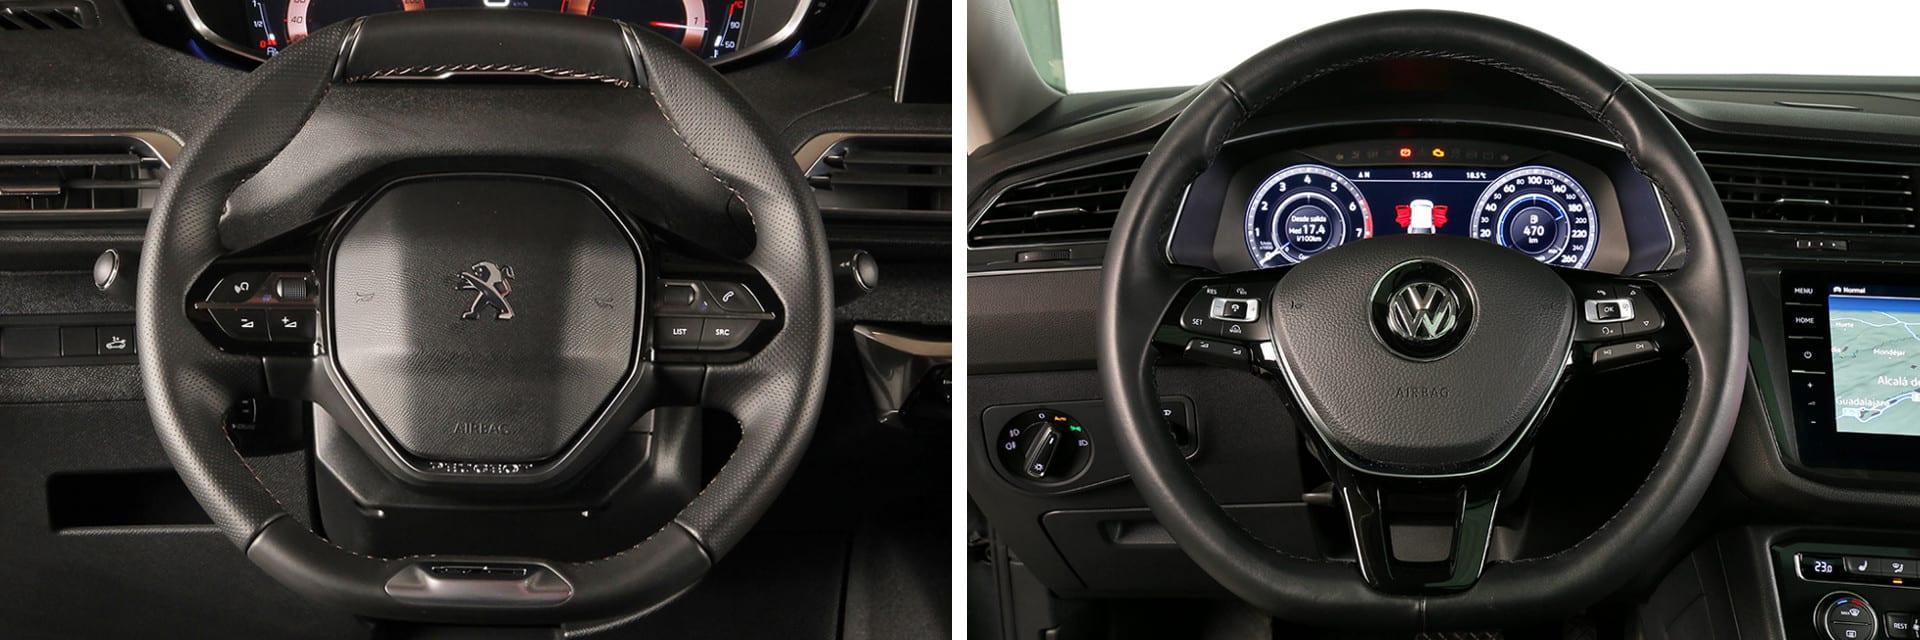 El volante del Peugeot 5008 (izq.) es más pequeño, además de achatado en la parte superior e inferior, en comaparación a la del Volkswagen (dcha.)